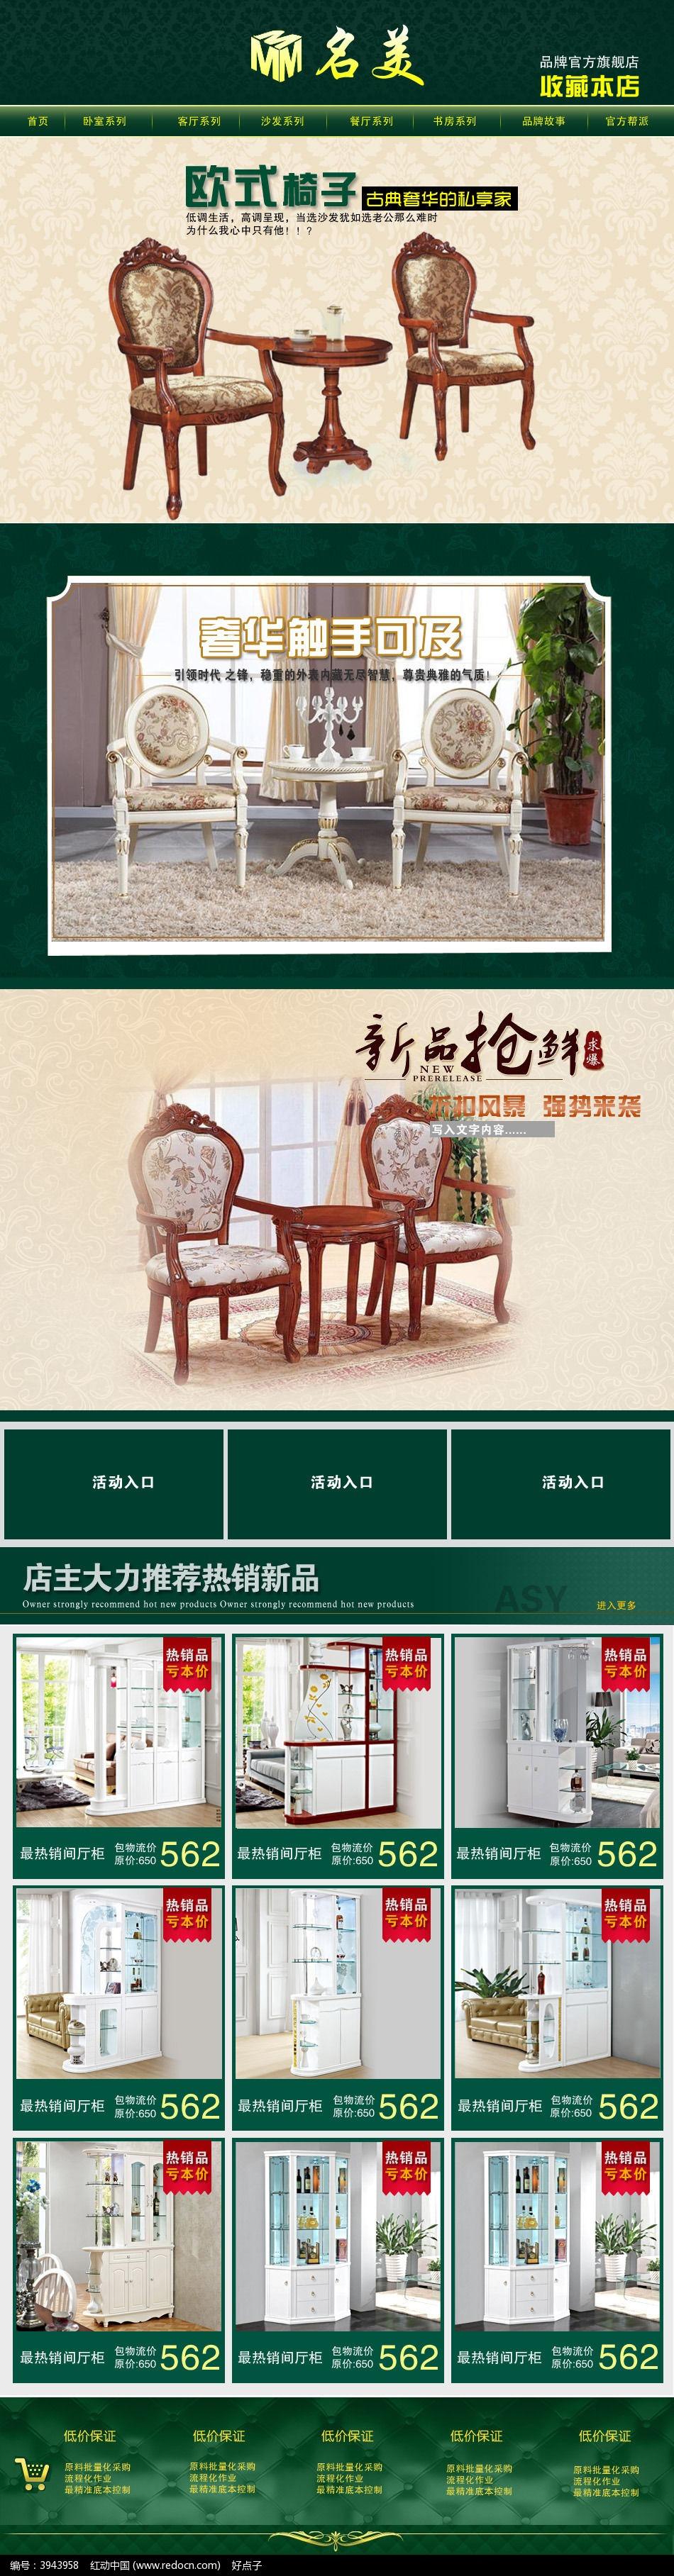 欧式家具淘宝装修模版图片